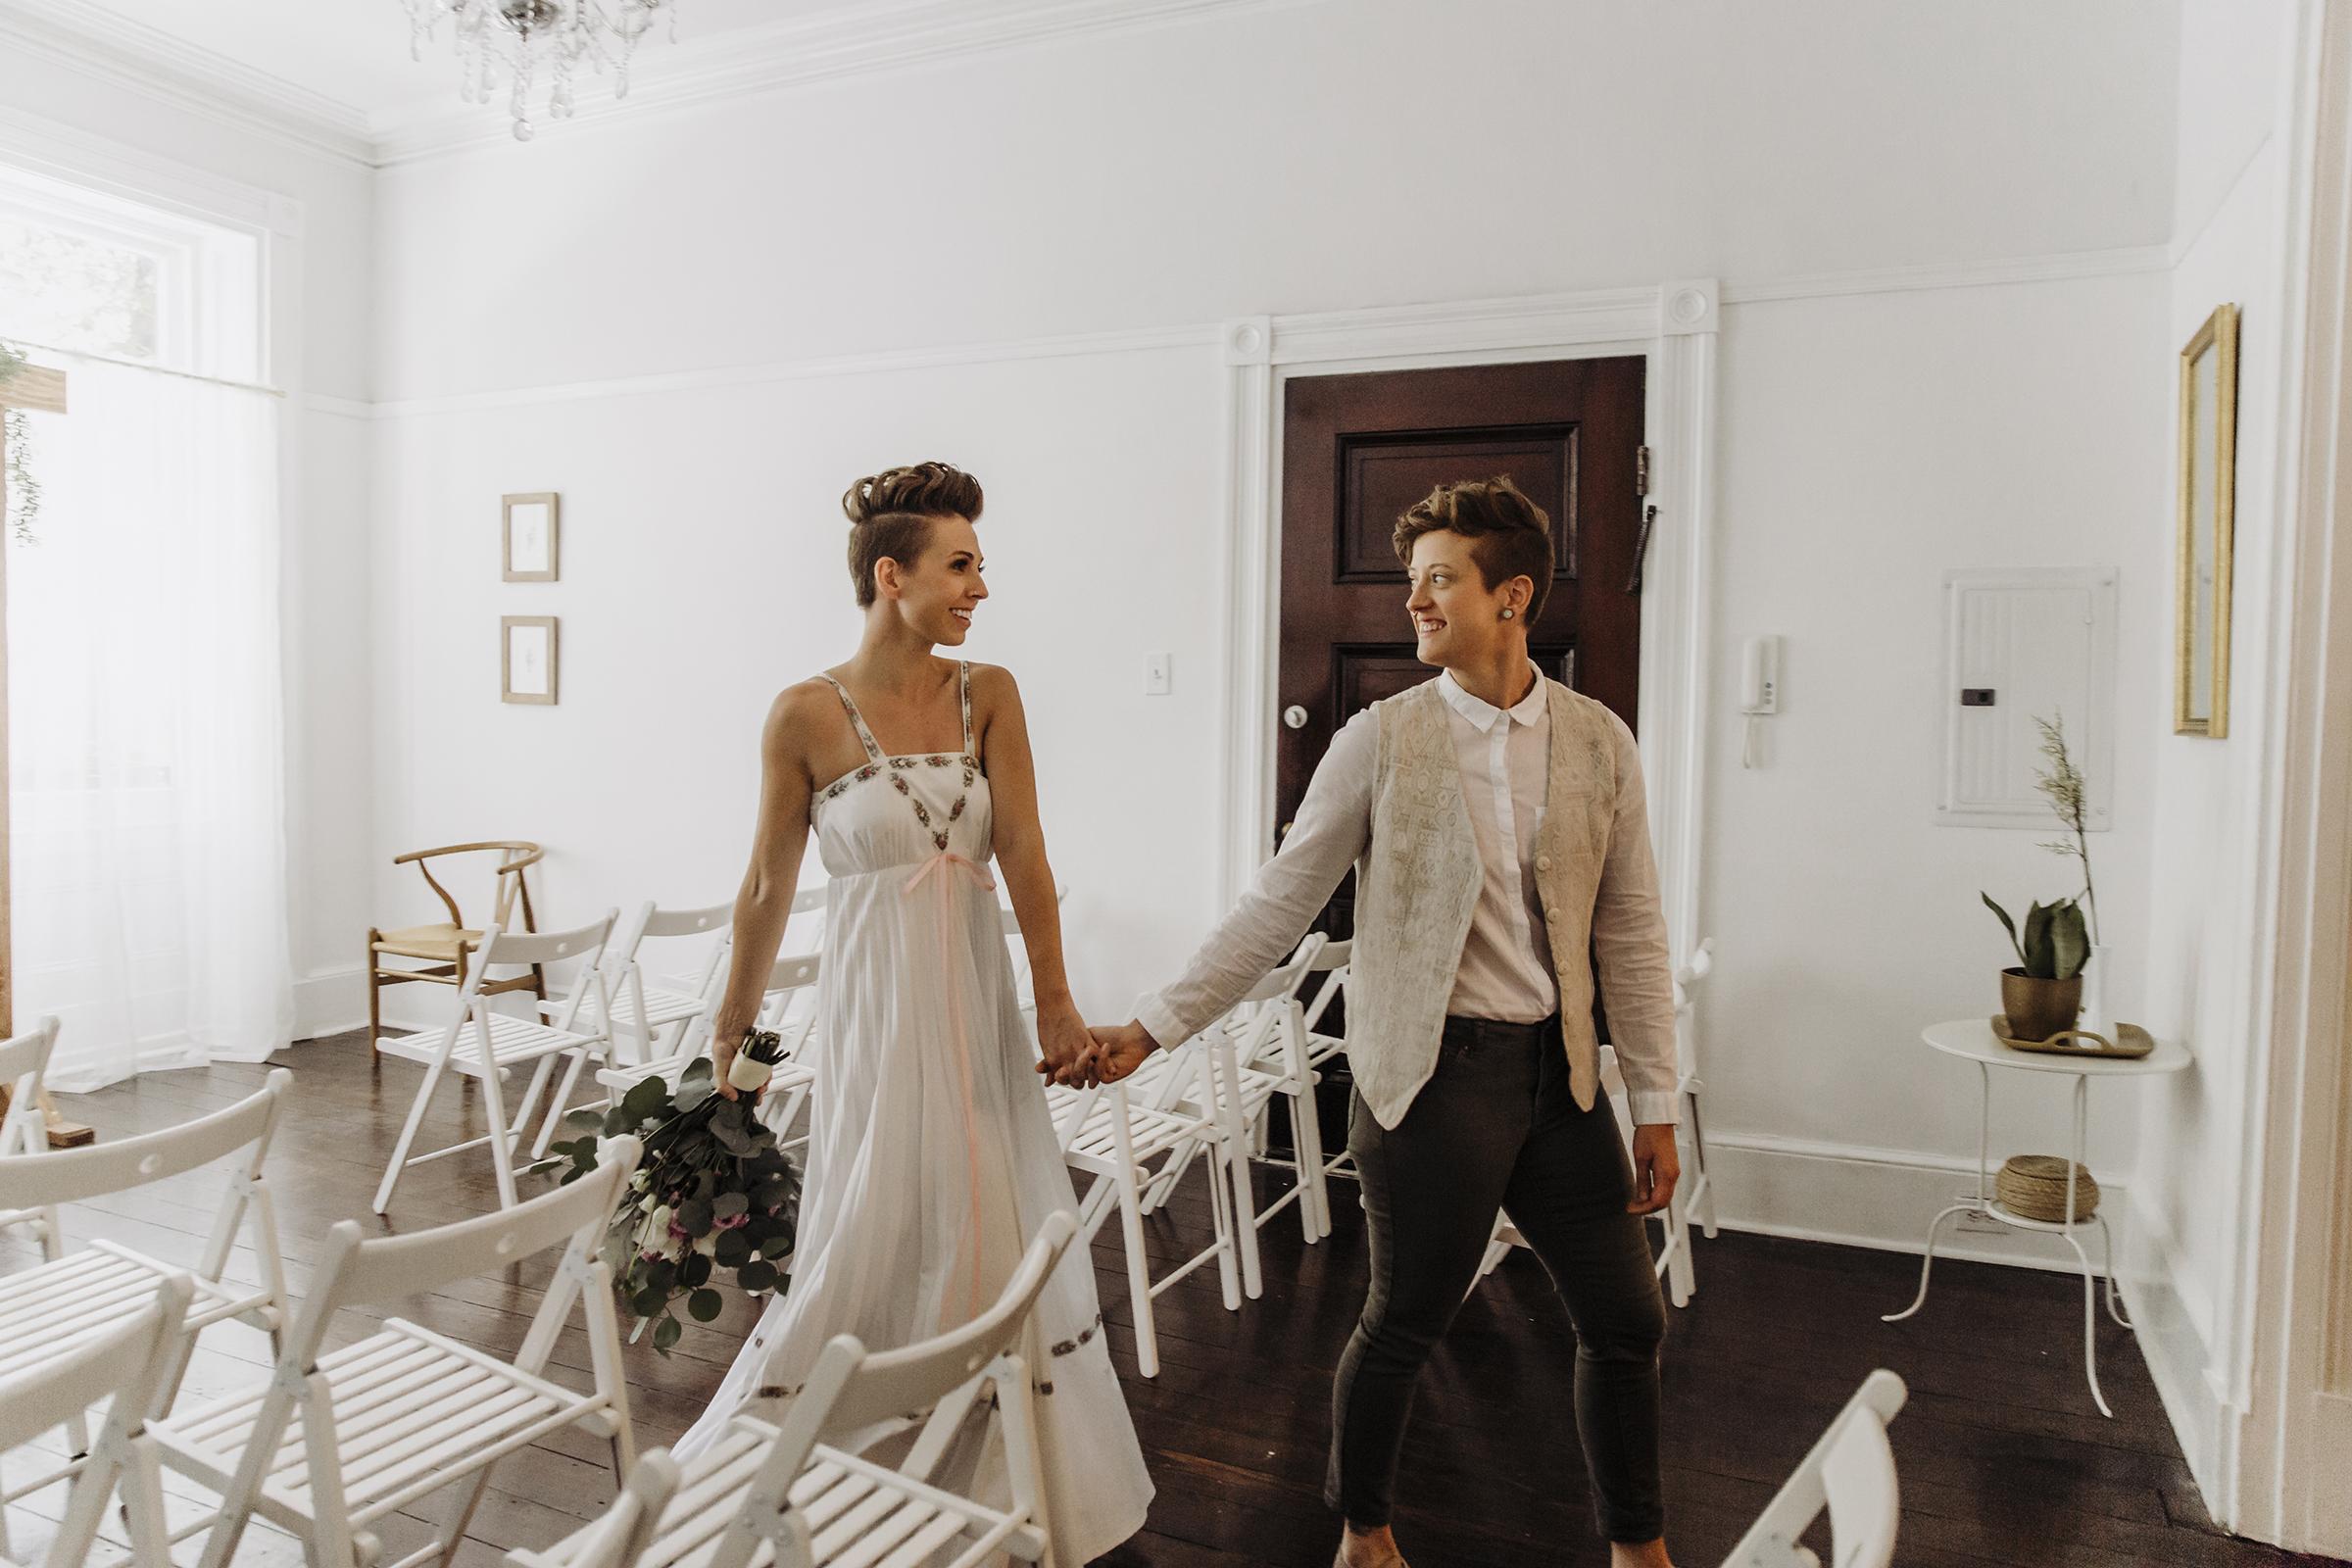 allie wilson weddings 7.jpg